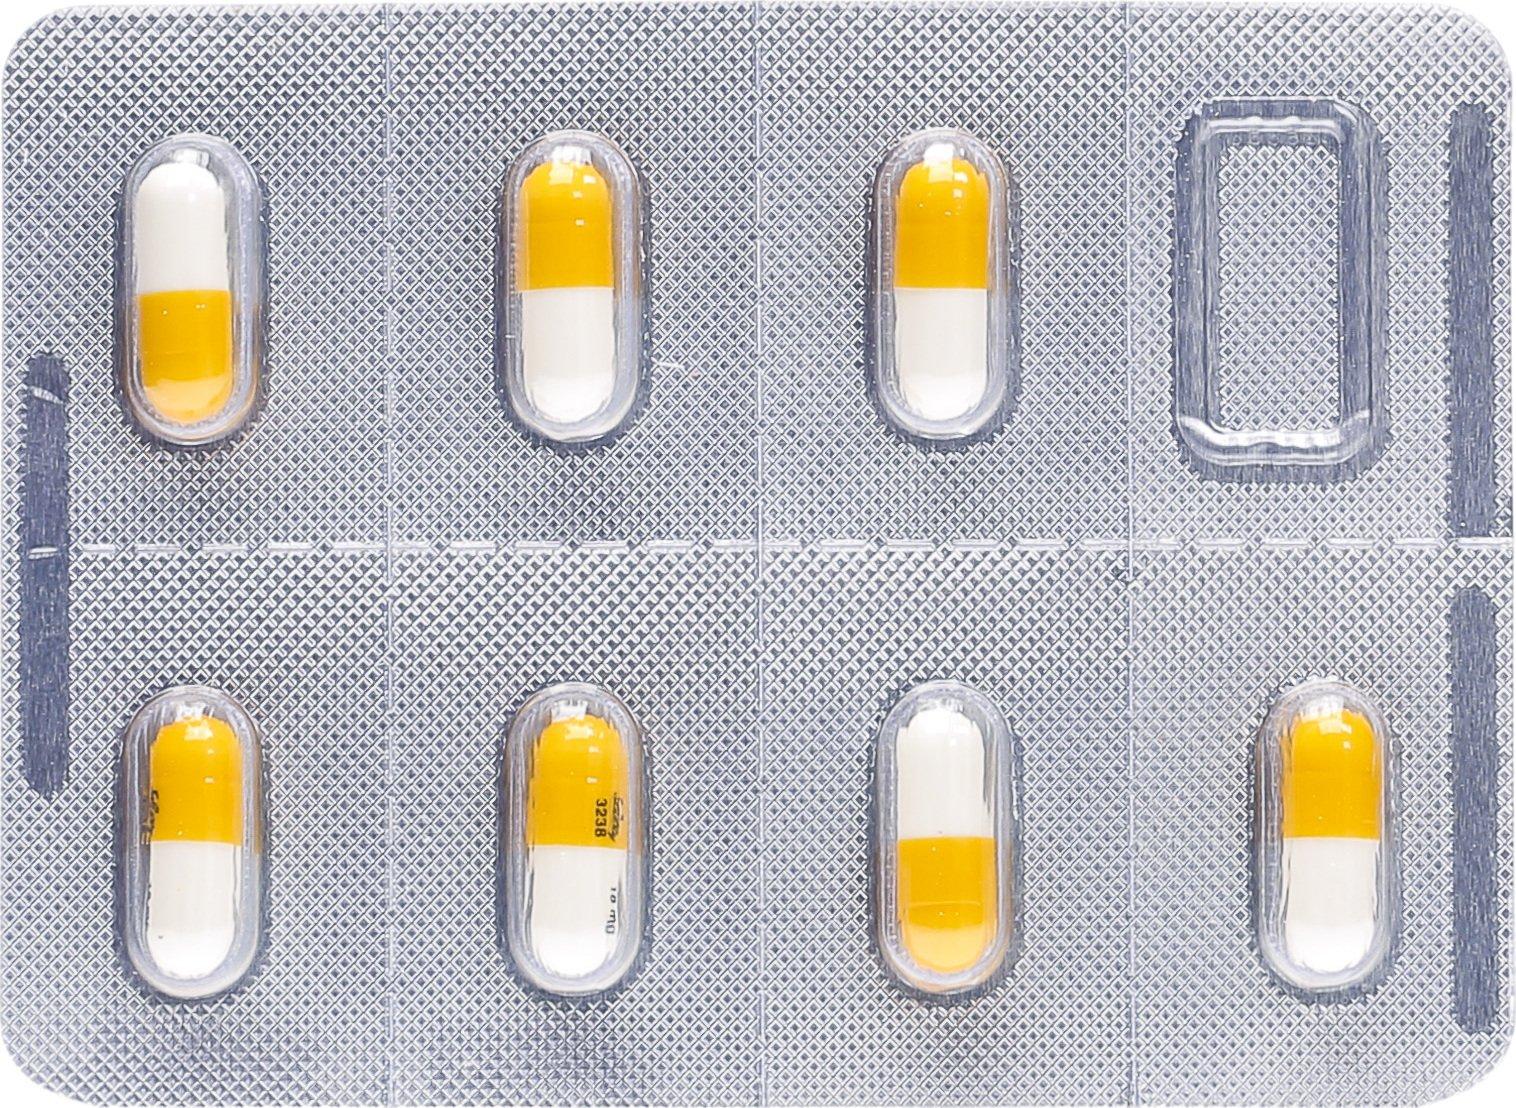 plaquenil 200 mg precio farmacias similares